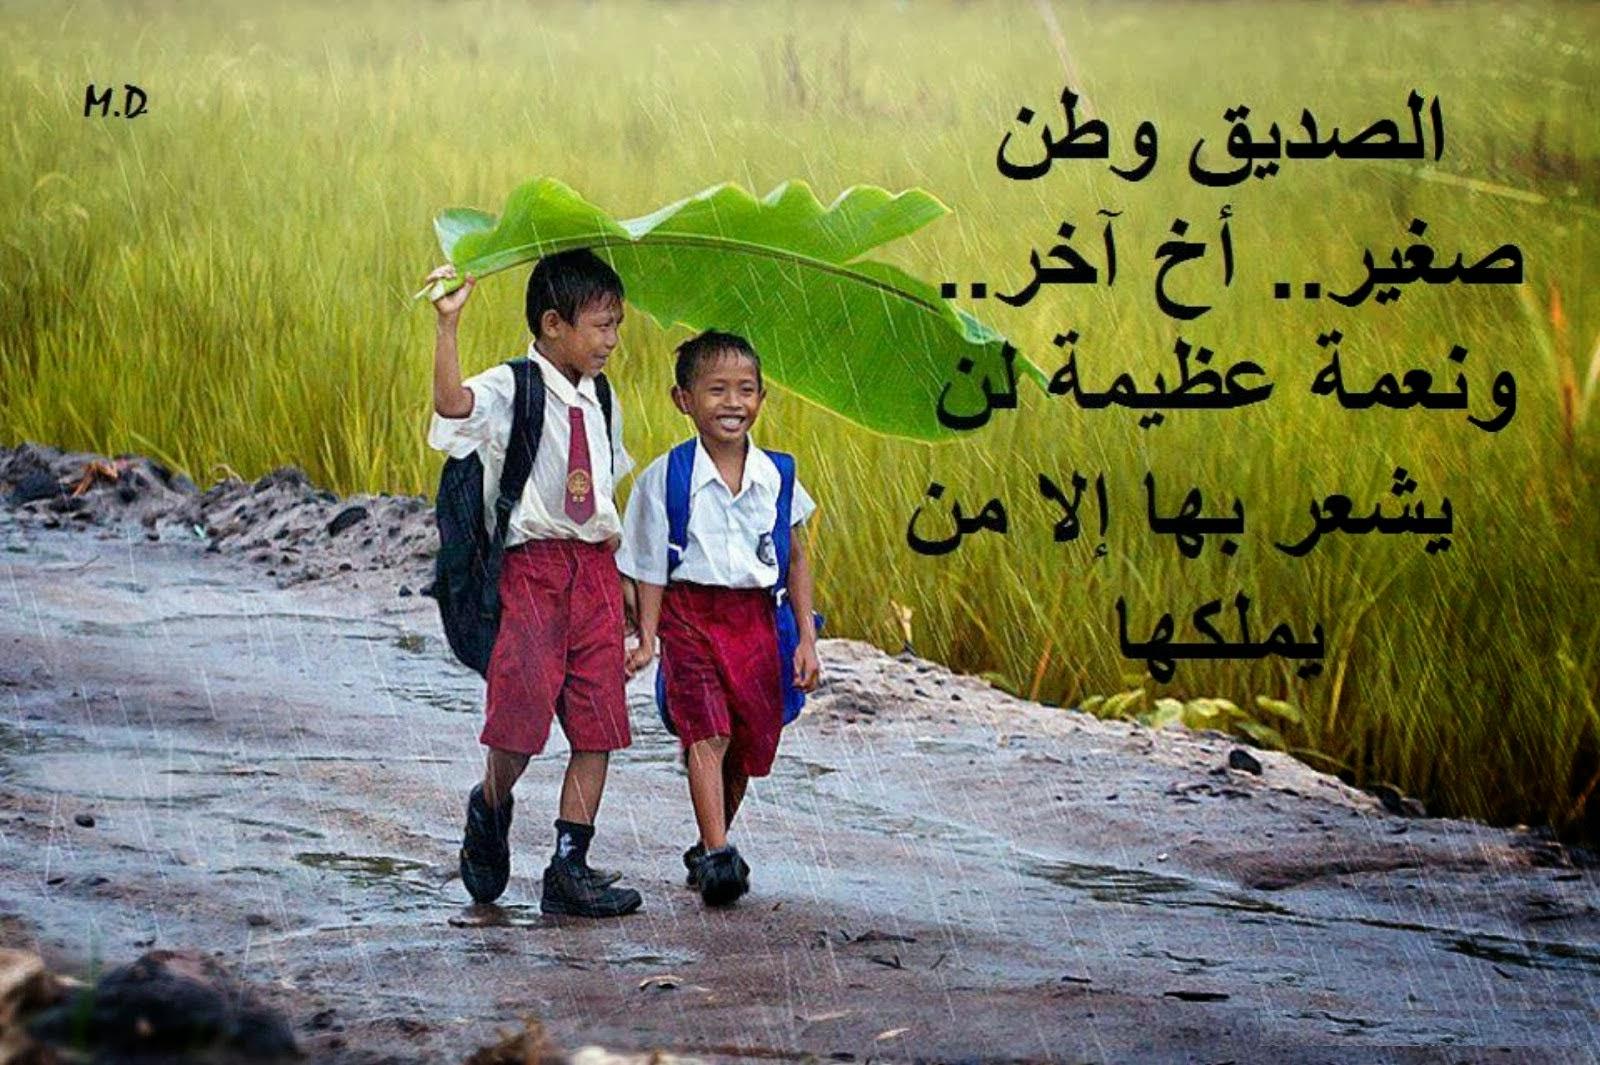 بالصور كلمات جميلة عن الصداقة , عبارات رائعه في حب الاصدقاء 1687 10